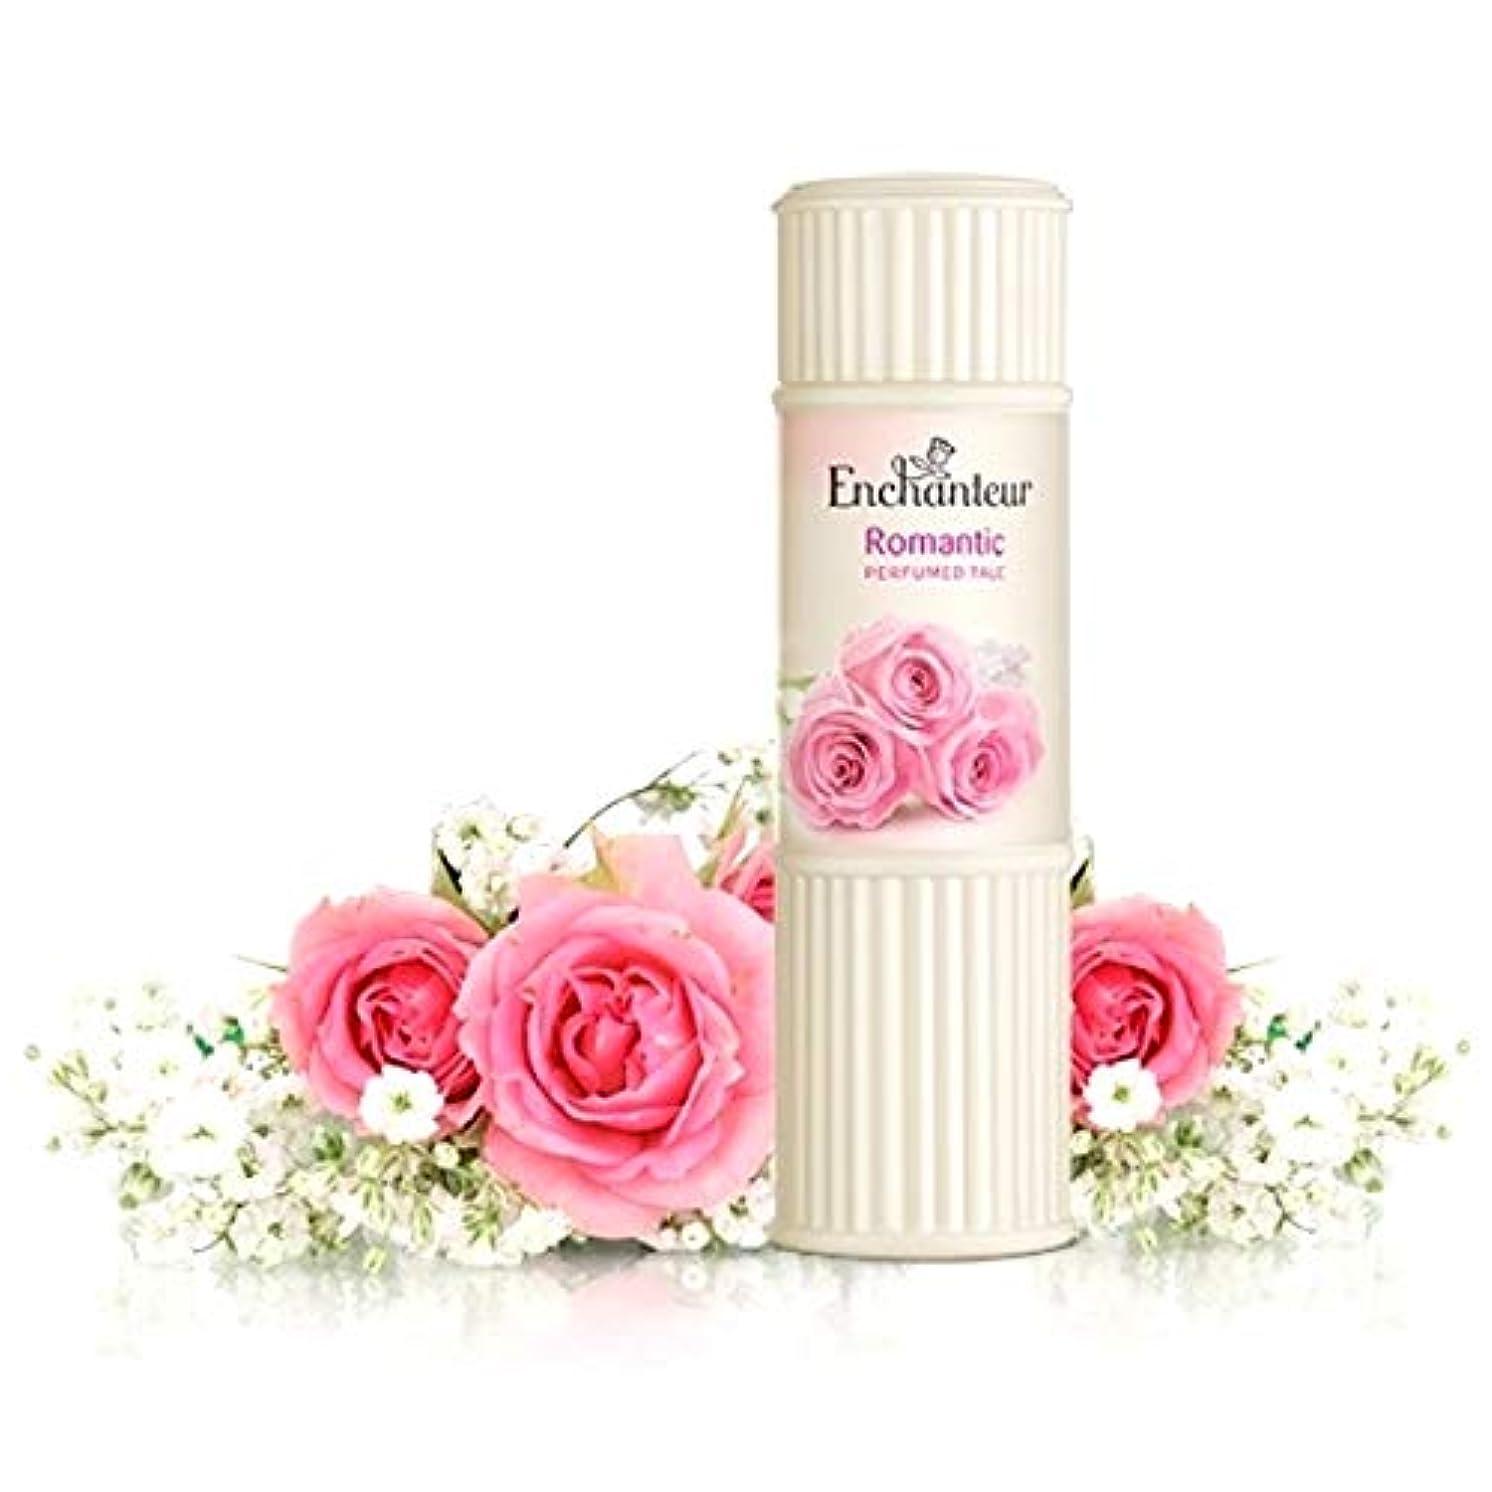 受け継ぐ倫理可塑性Enchanteur Perfumed Talc アンシャンター パフュームタルク 100g オリジナルポーチ付き【並行輸入品】 (Romantic)